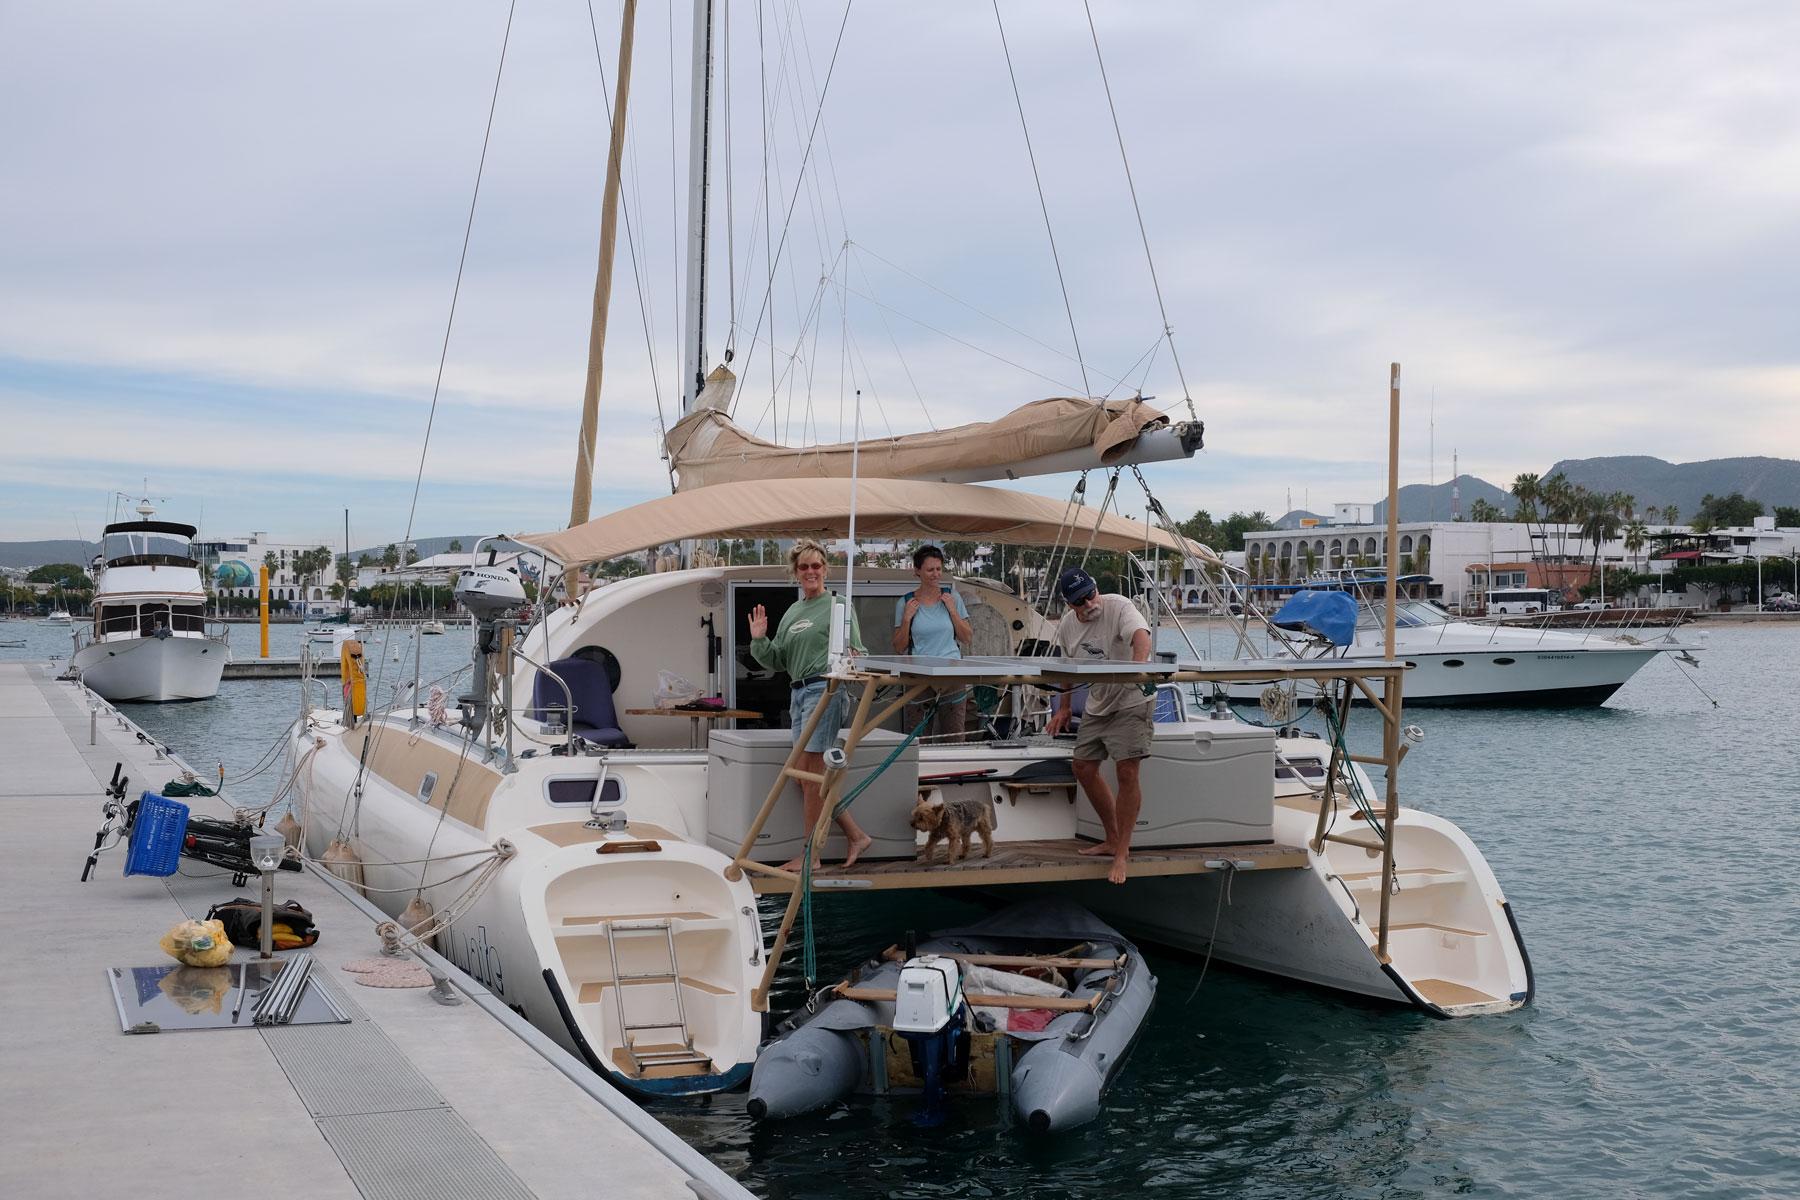 In der Marina von La Paz liegt der Katamaran von Cindy und Steve.